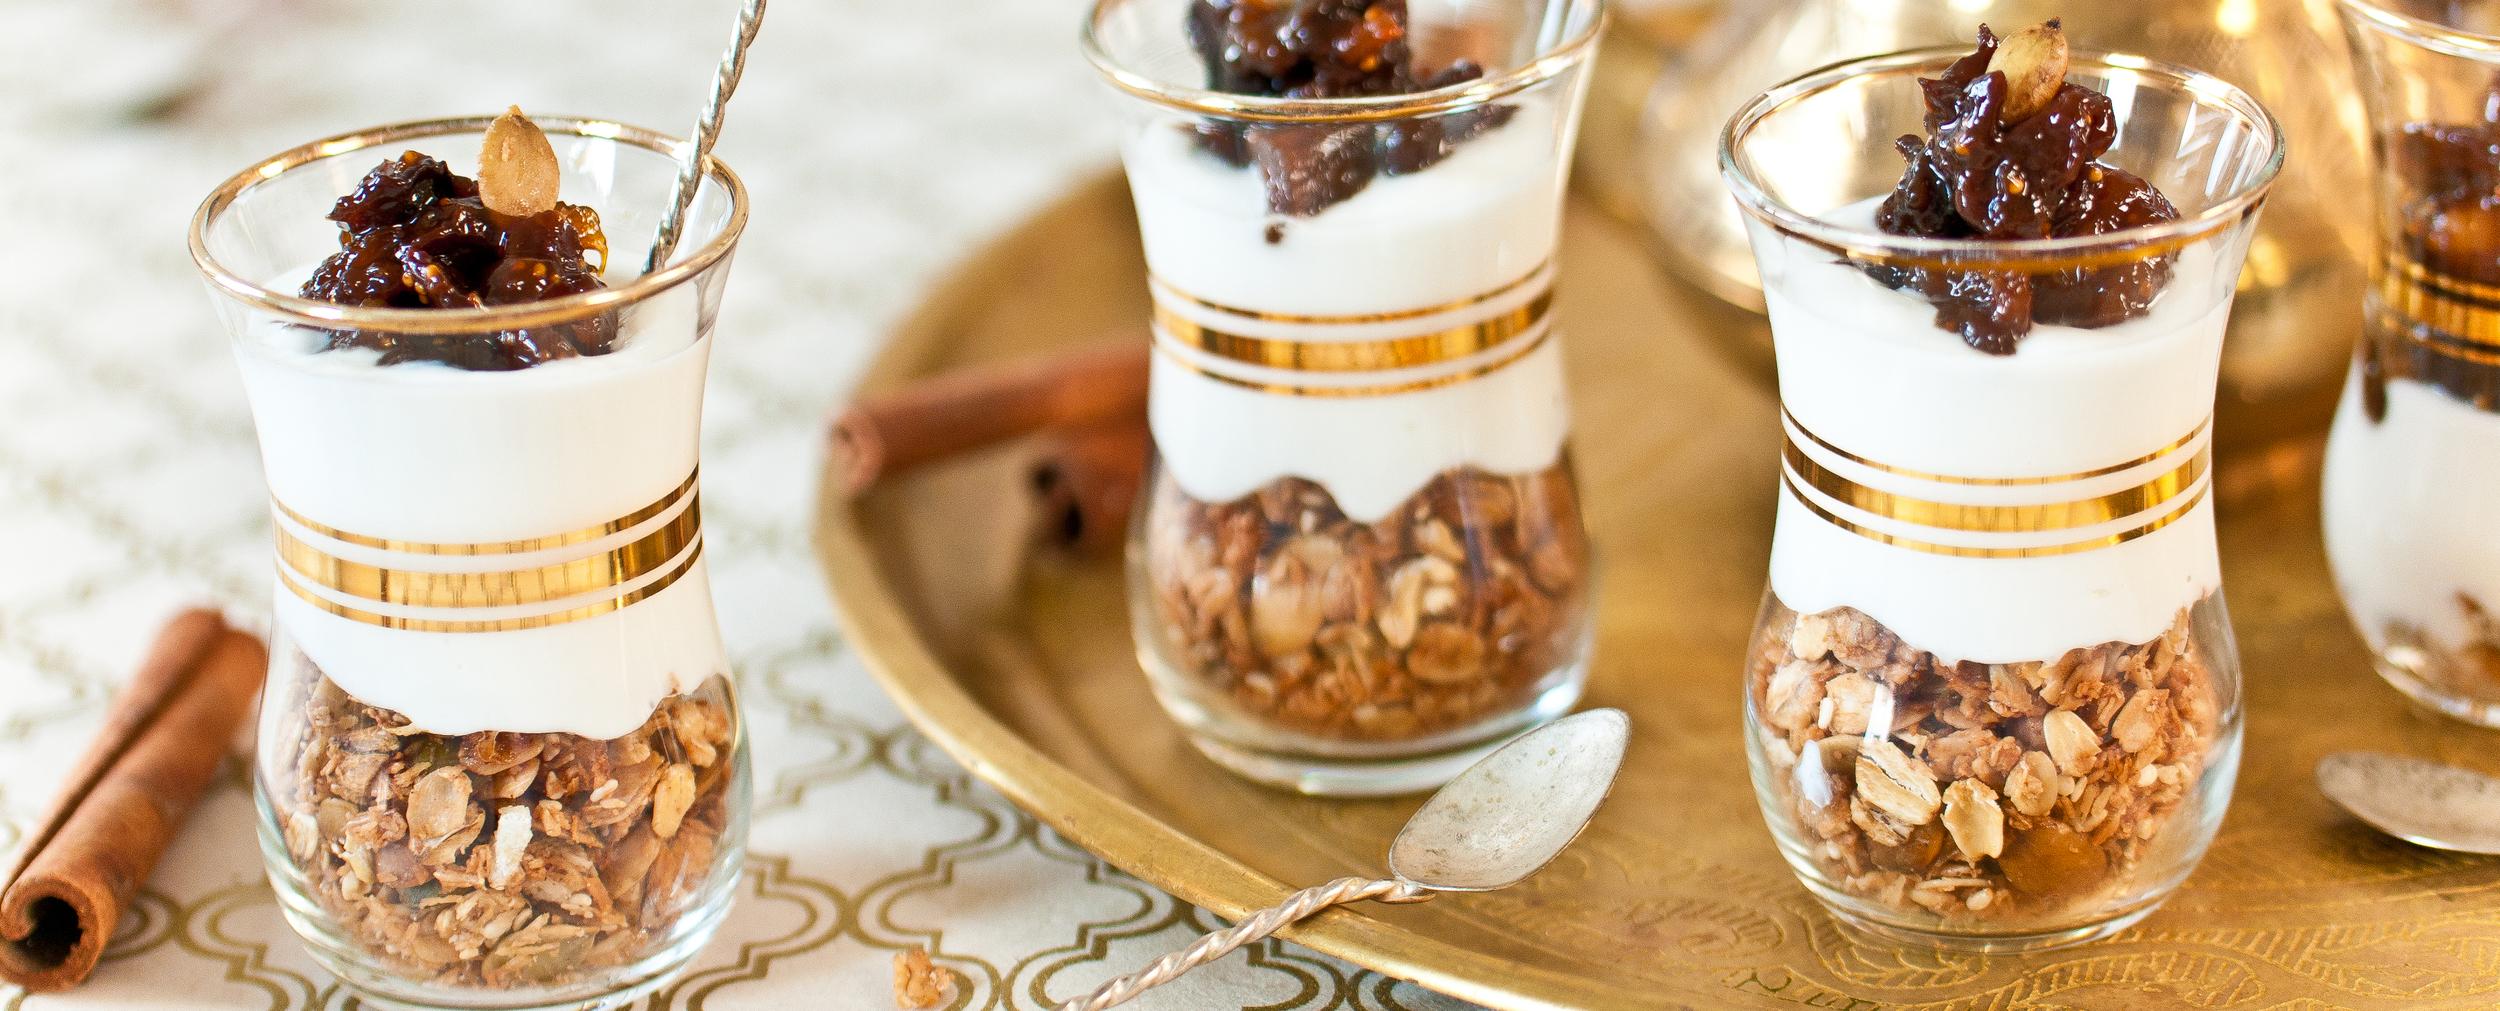 Greek Yogurt, Home Made Granola & Tanzeya Dessert Cups_banner.jpg